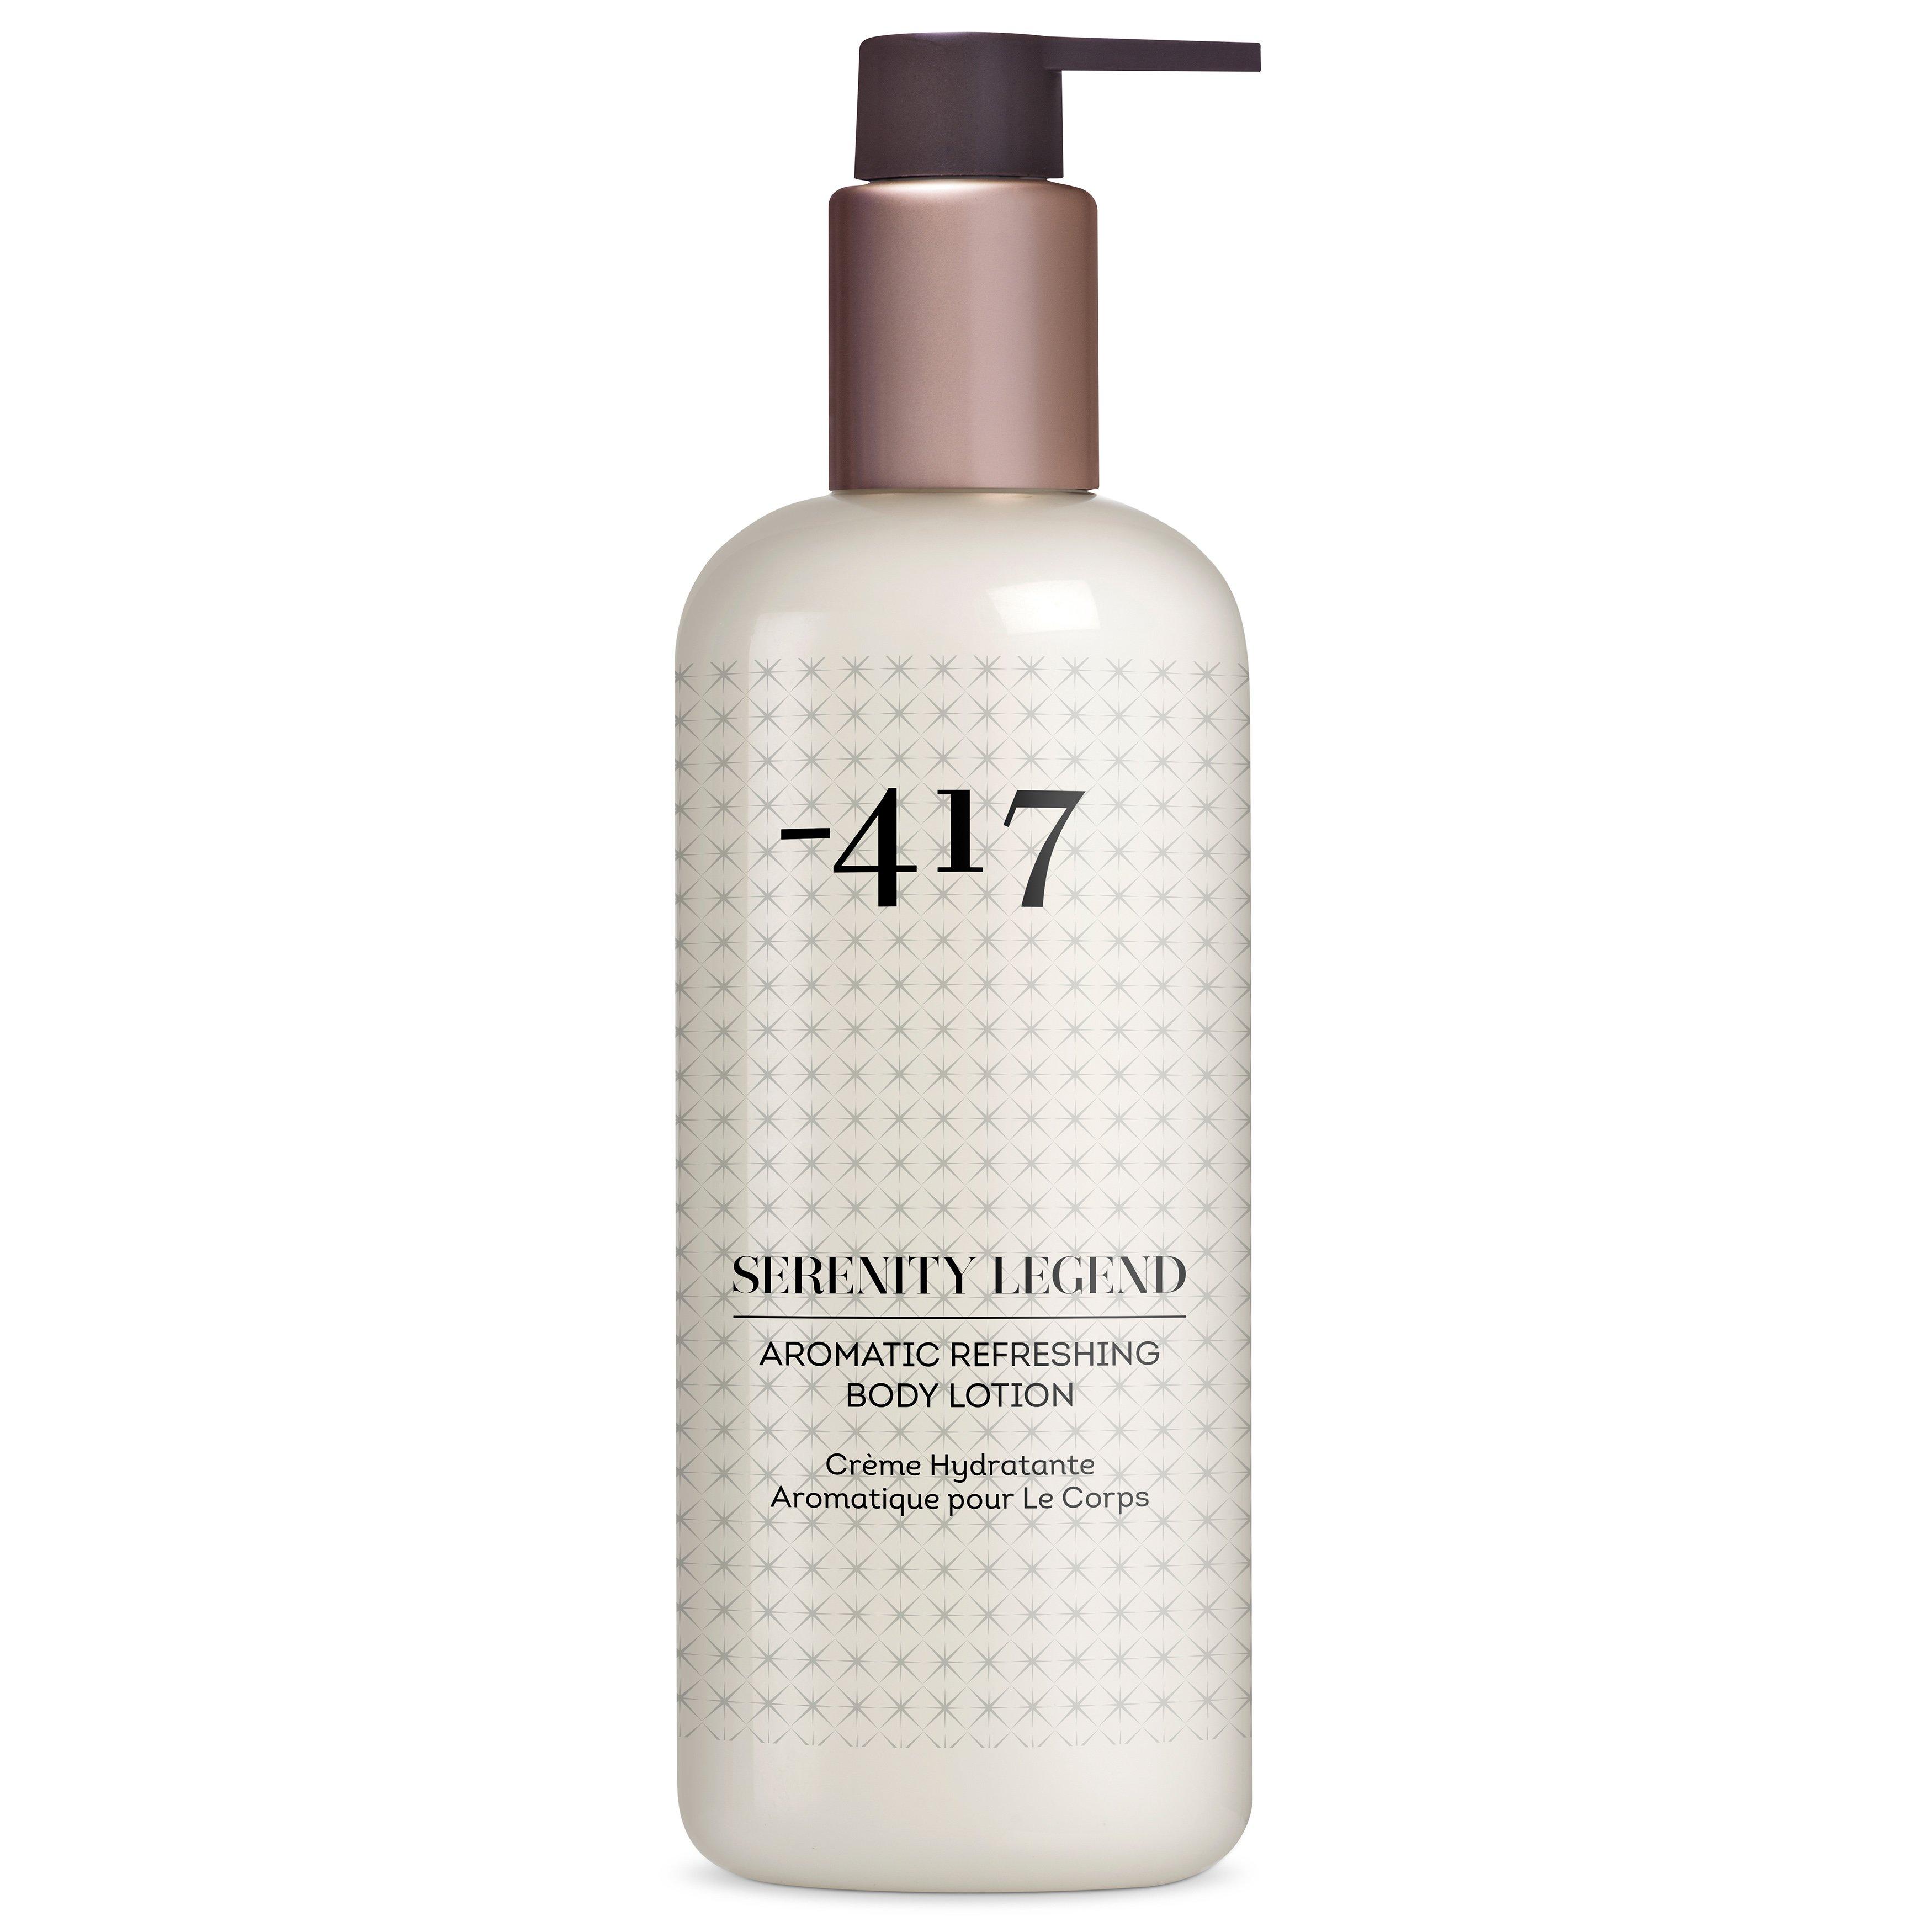 Minus 417 Serenity Legend Aromatic Refreshing Body Lotion Αρωματικό Ενυδατικό Γαλάκτωμα Σώματος 350ml